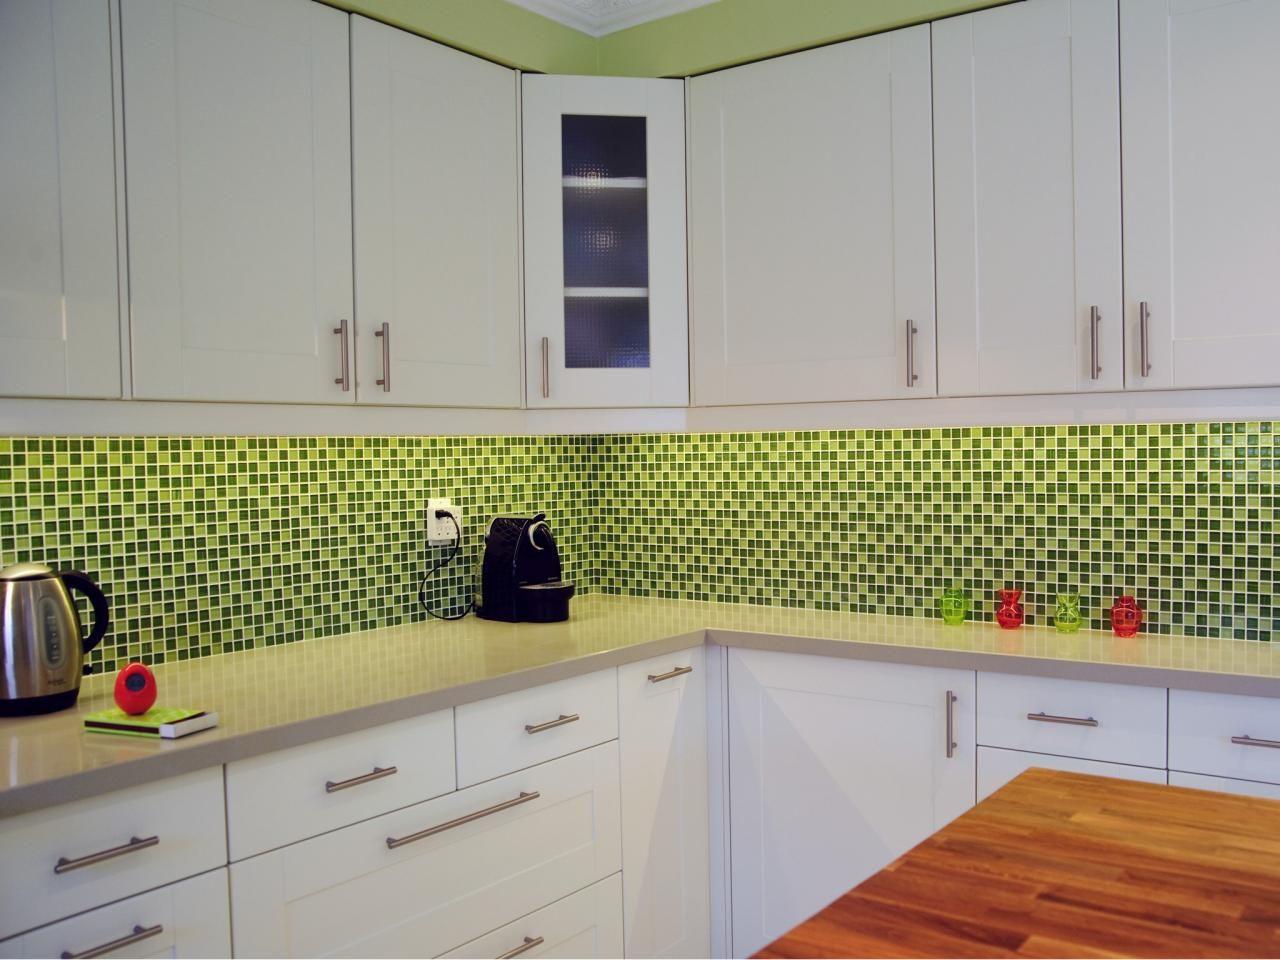 30 Colorful Kitchen Design Ideas From Green Kitchen Kitchen